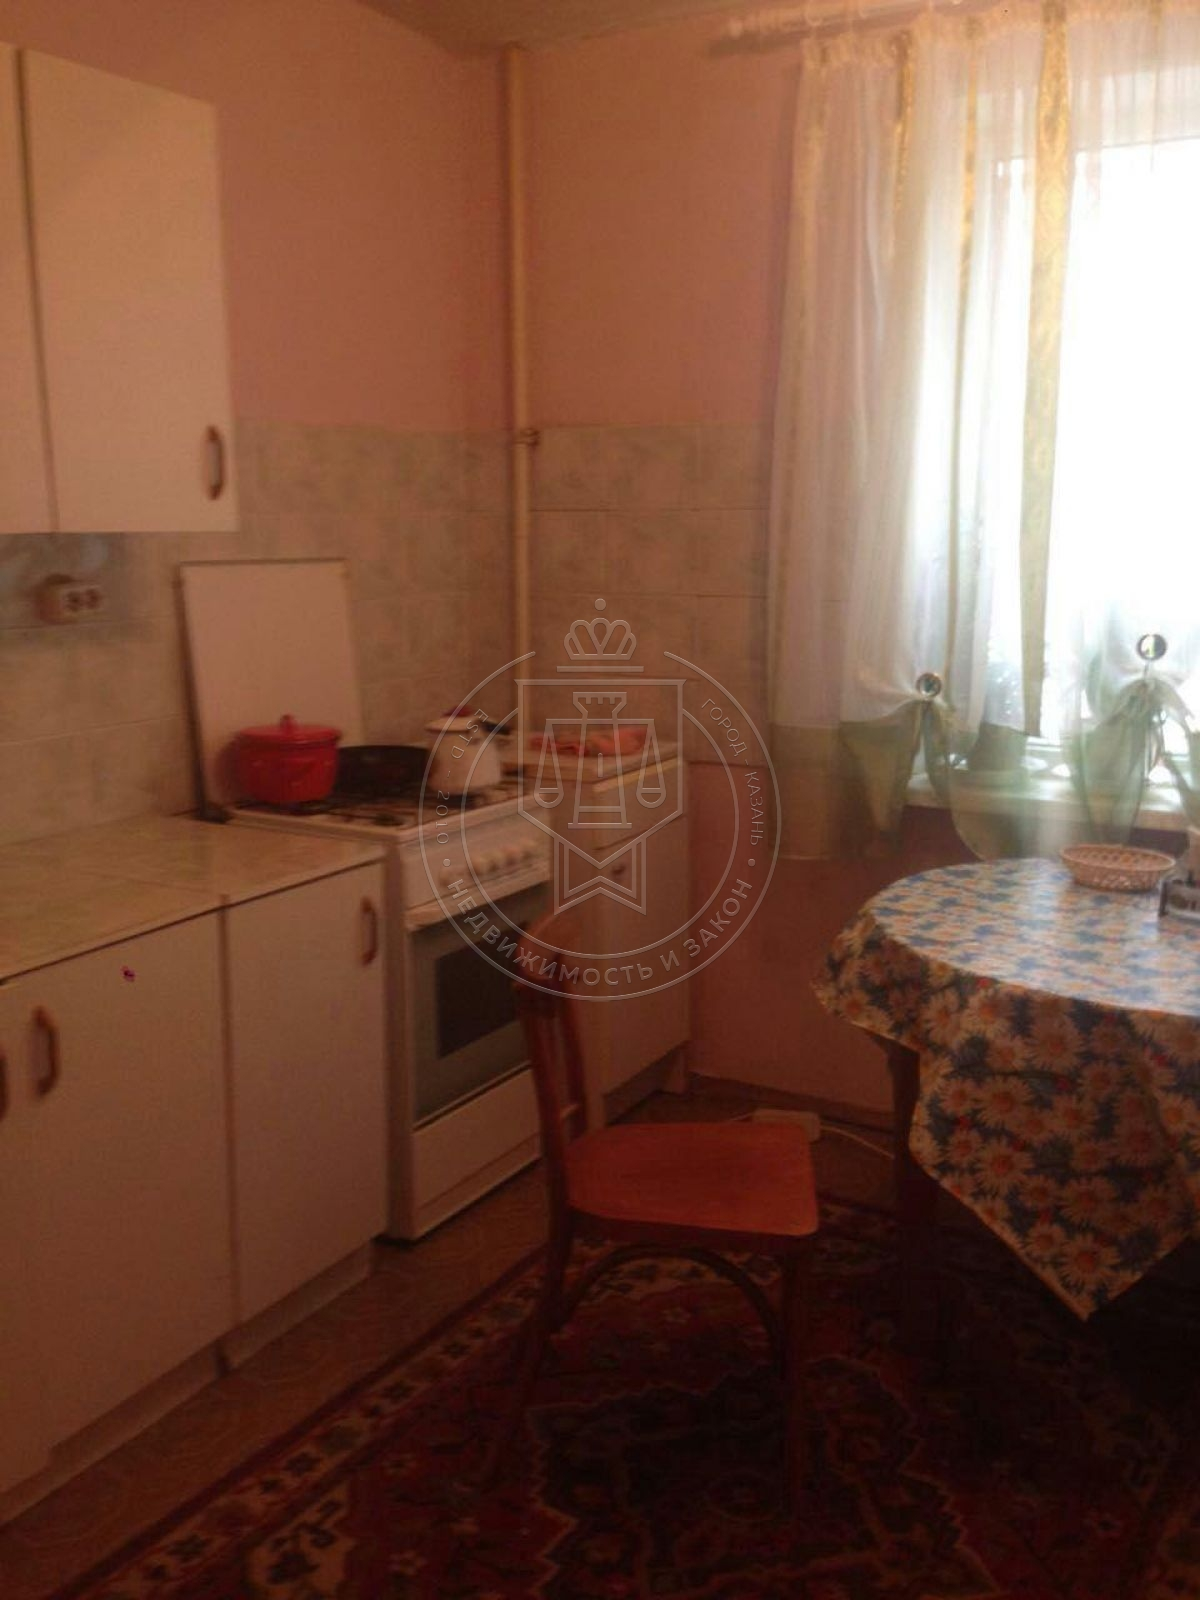 Продажа 2-к квартиры Дубравная ул, 49, 54.0 м² (миниатюра №2)